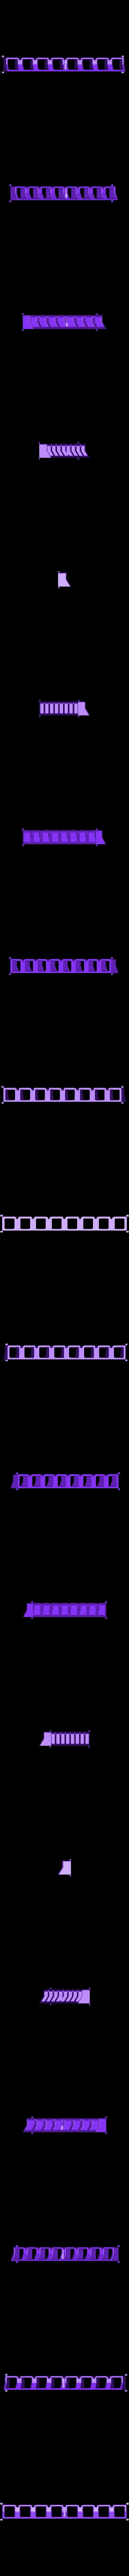 Tool_holder.STL Télécharger fichier STL gratuit Support de pince, montage mural • Objet pour imprimante 3D, listart